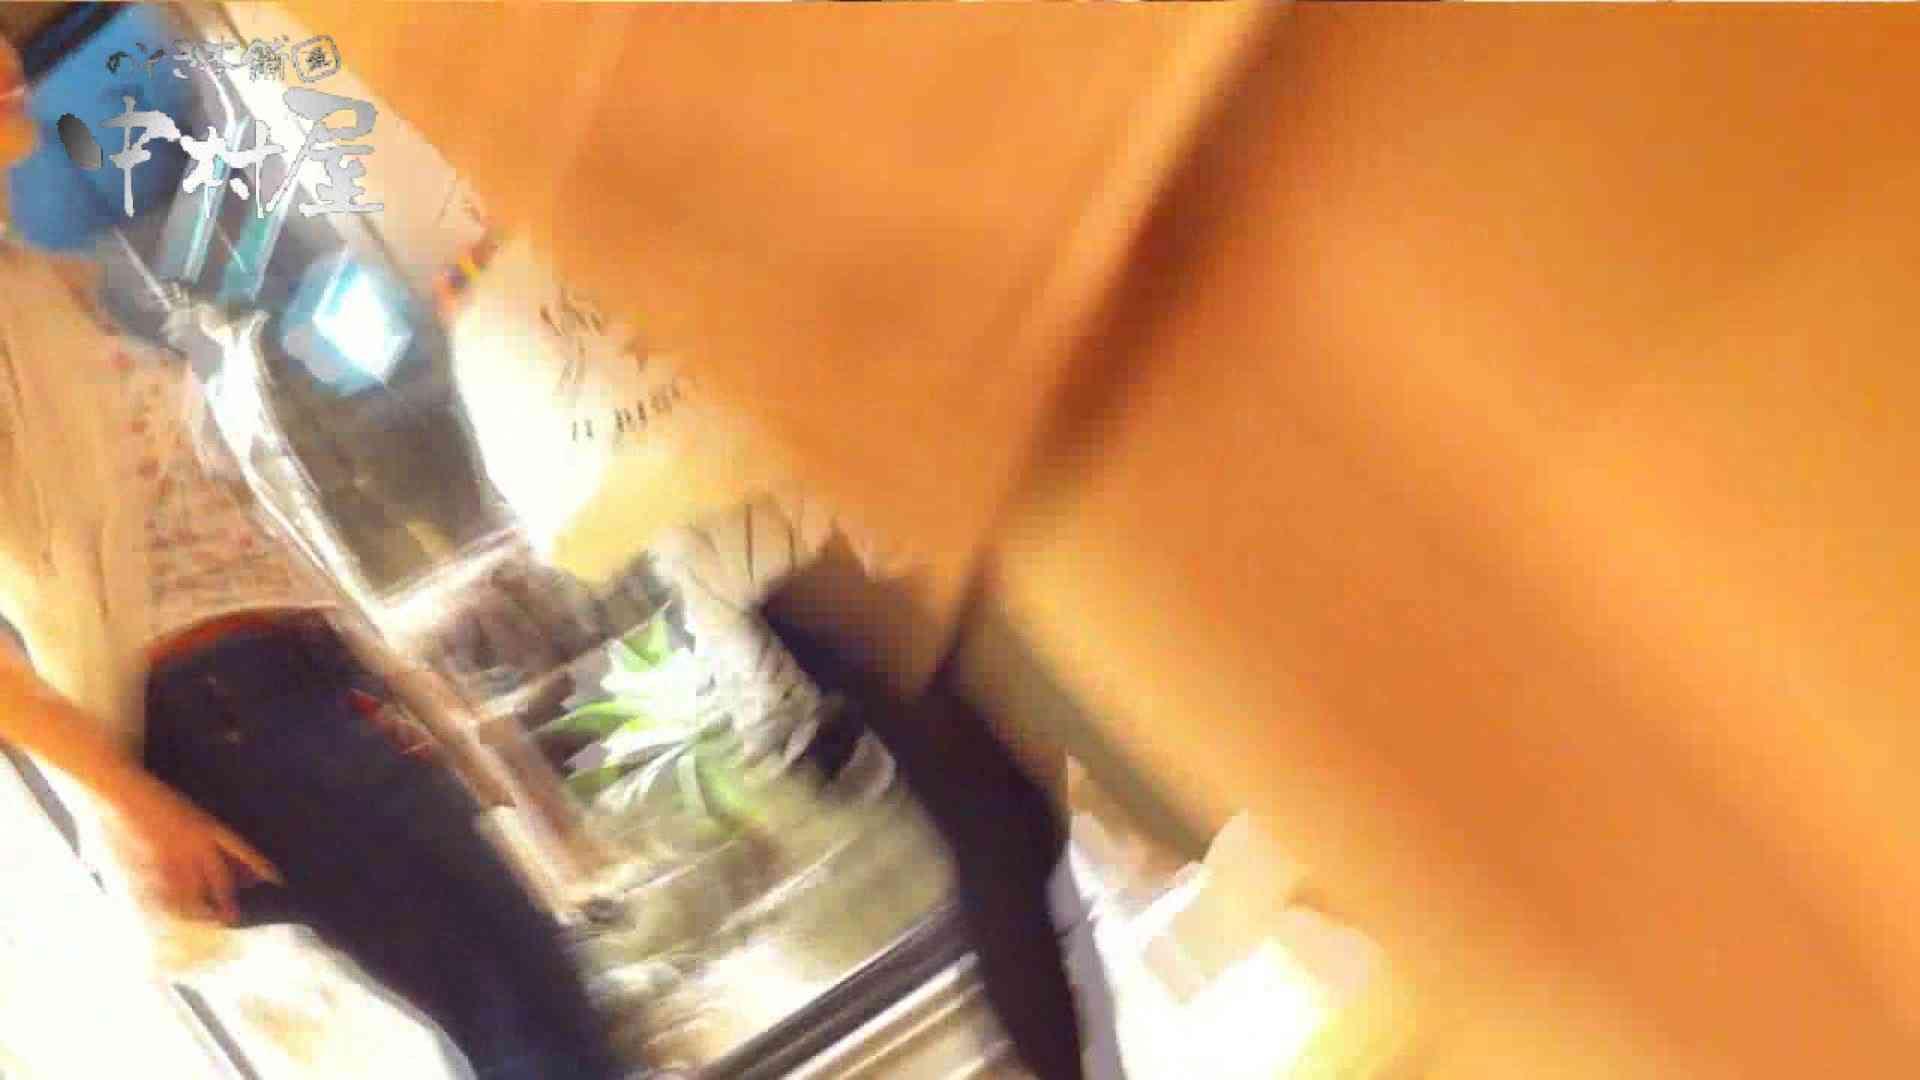 vol.48可愛いカリスマ店員胸チラ&パンチラ アニメ声の店員さん パンチラ | 接写  56pic 3